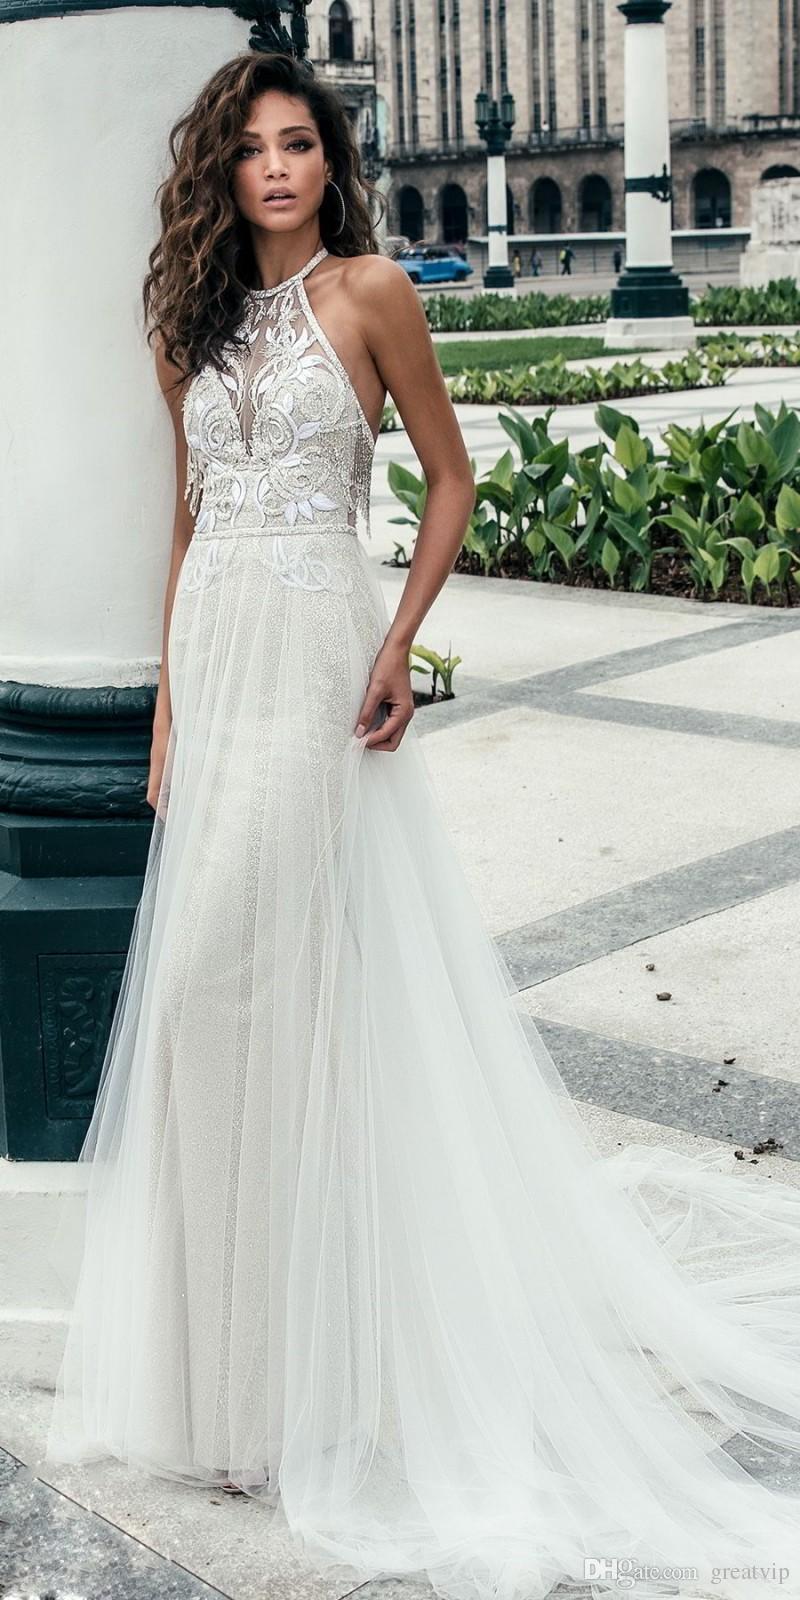 Julie Vino Beach Vestidos de Noiva Backless Pescoço Gola Ilusão Laço Applique Boho Vestidos De Casamento Varredura Treine Tulle Vestido Noiva